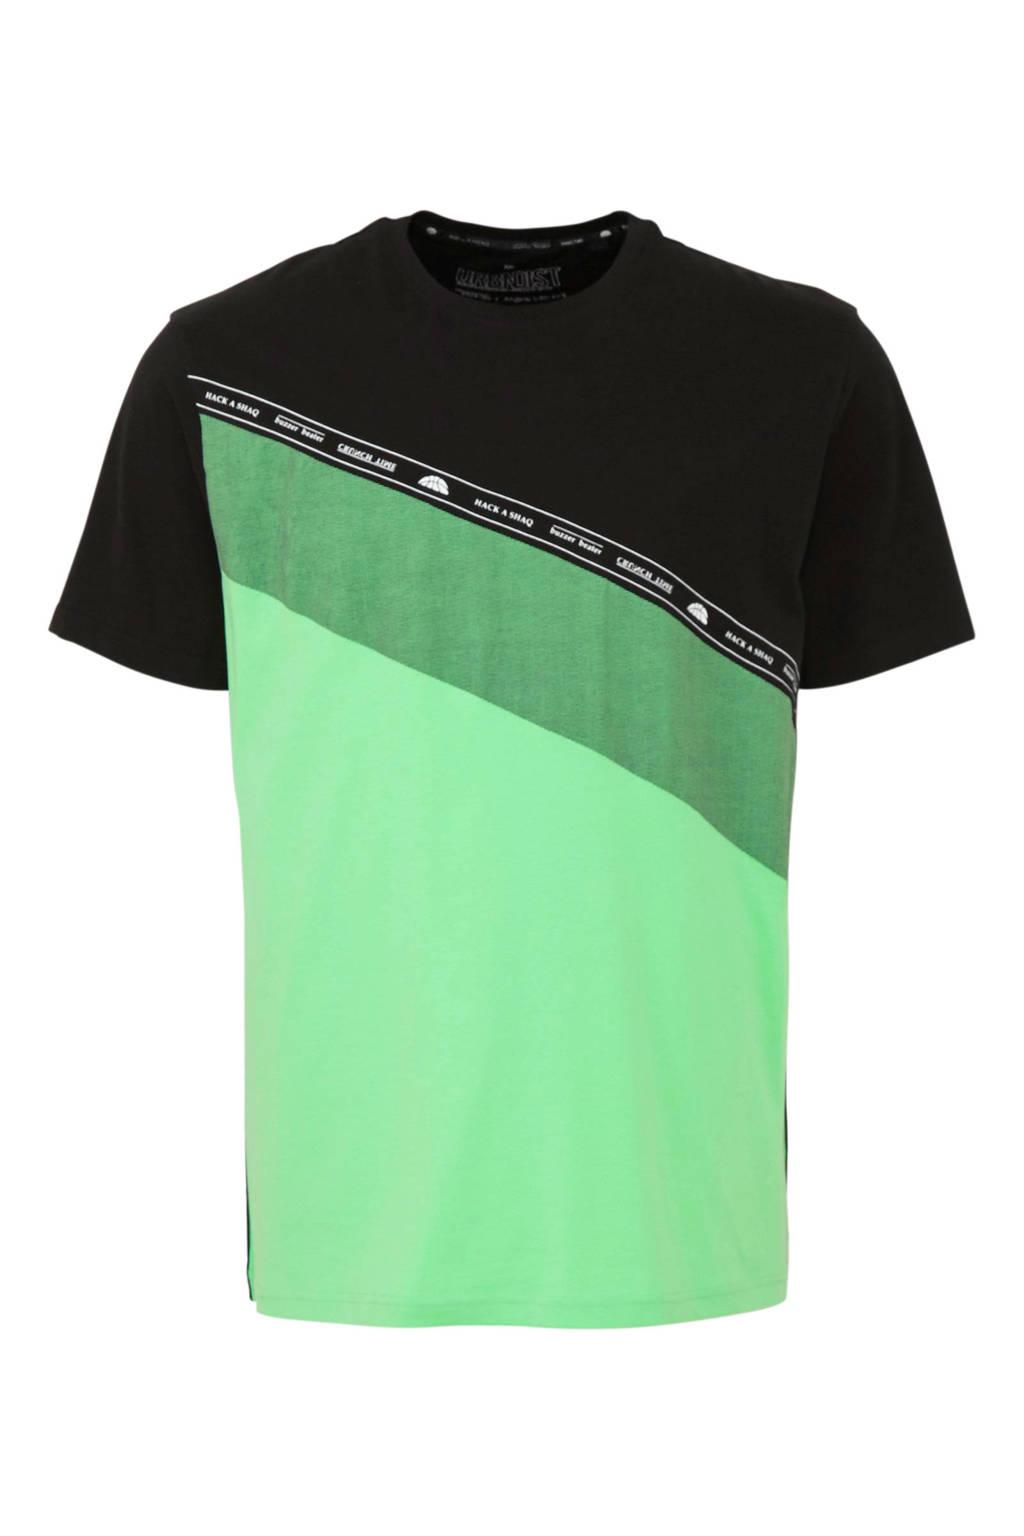 C&A XL Angelo Litrico T-shirt, Zwart/groen